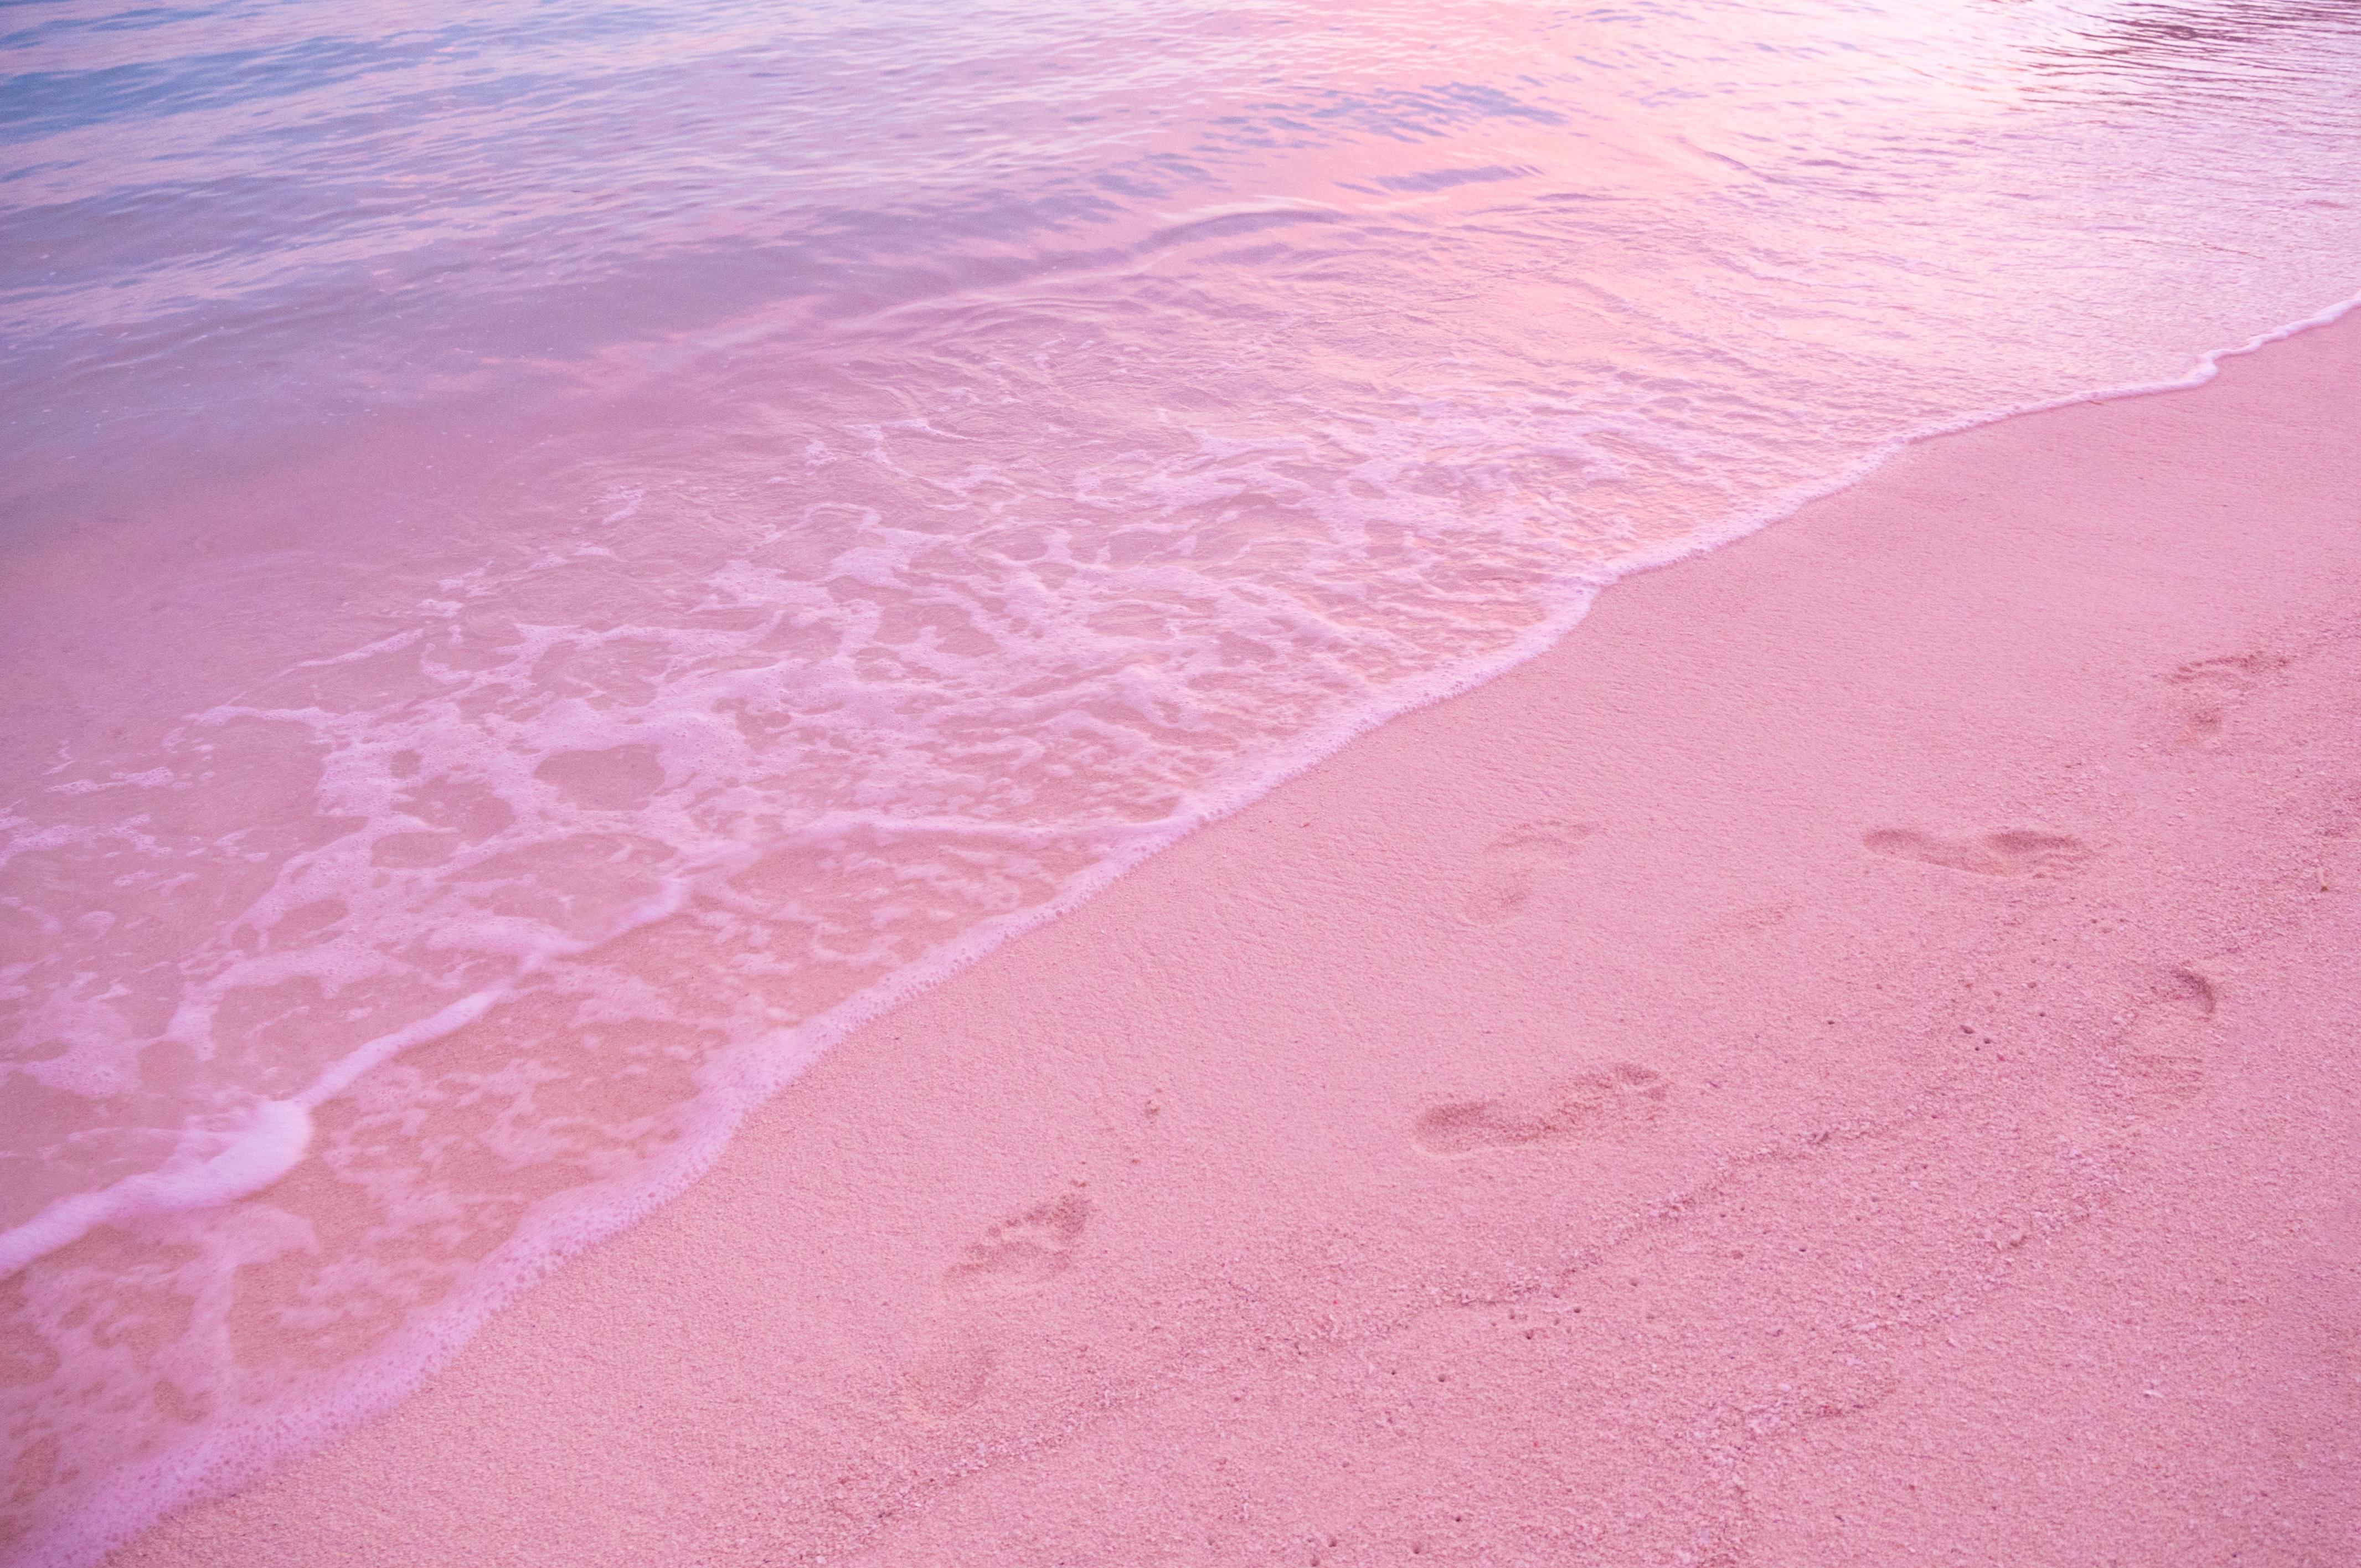 Harbour Island en las Bahamas es el hogar de tramos de costa acogedores y aguas suaves protegidas por un arrecife de coral en alta mar. Esta parte de la isla es conocida por su arena rosa pálida hecha de conchas de color rojo brillante y rosa de los insectos microscópicos de Foraminifera